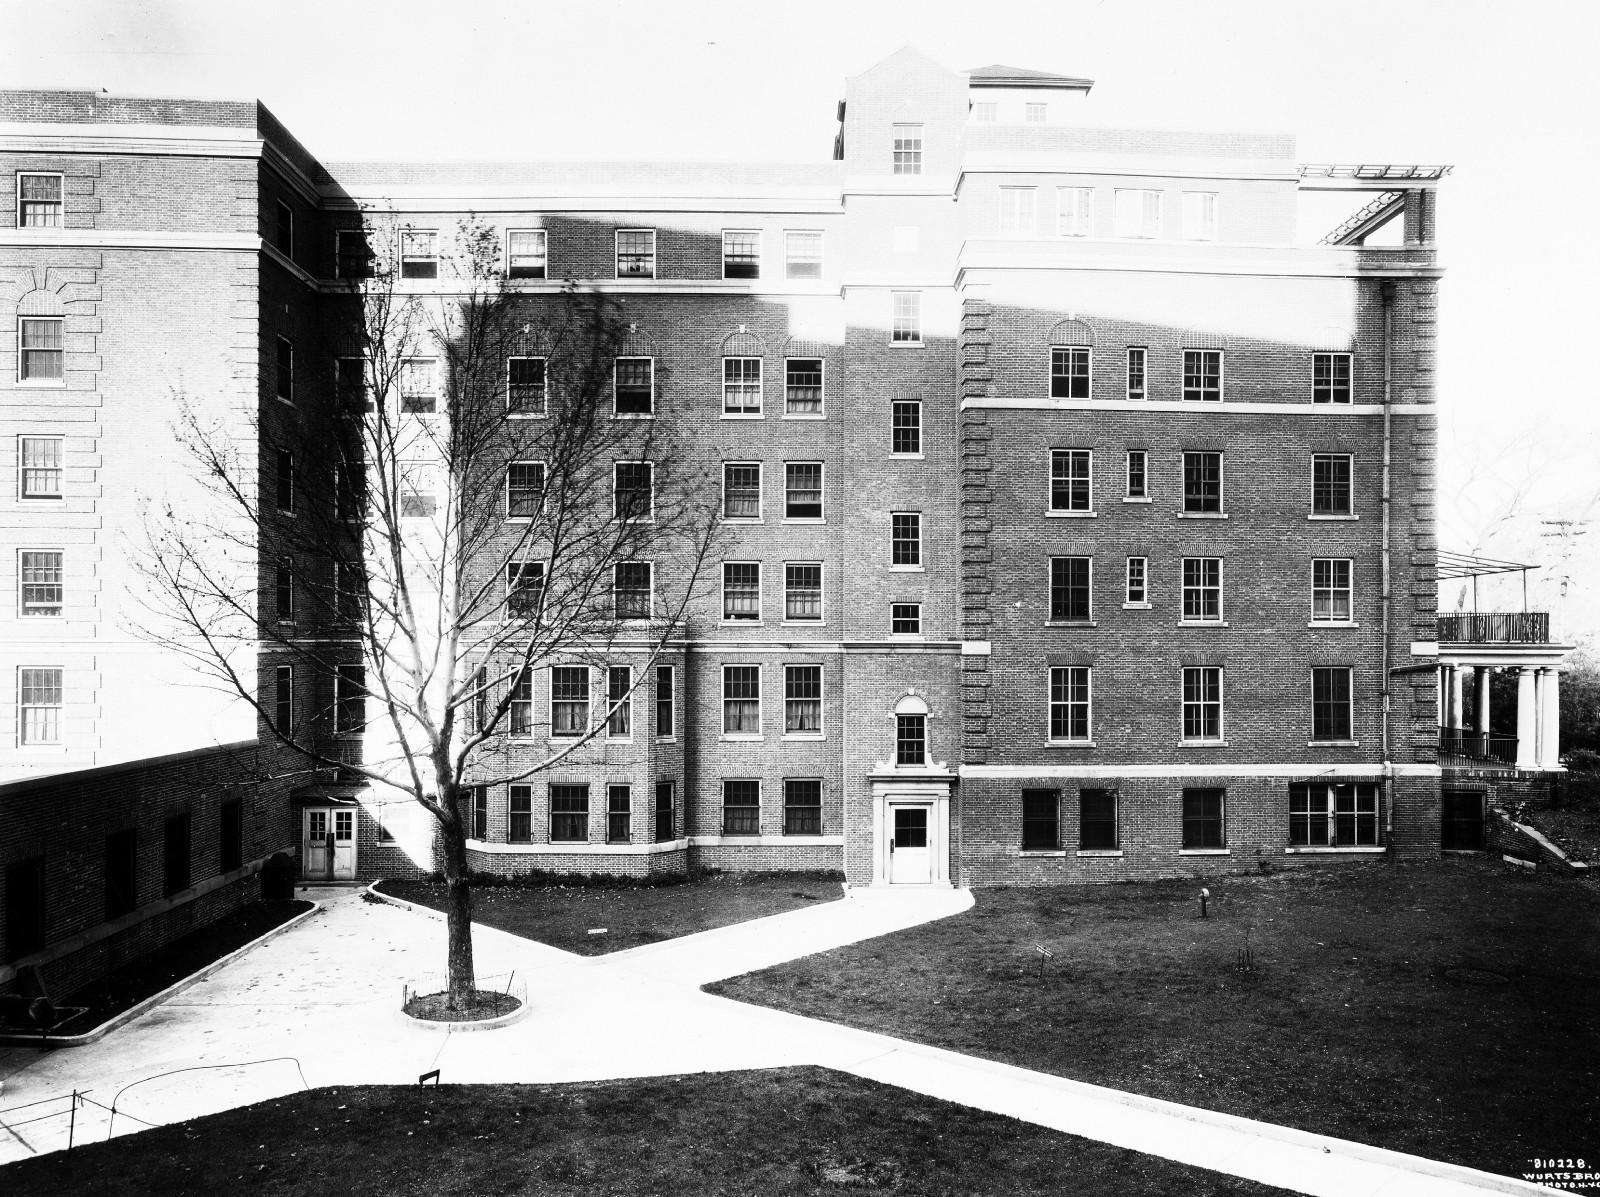 Госпиталь Фордхэм вБронксе, где Джим Коллинз родился в1913 году. Фото: Wurts Bros./Museum of the city of New York